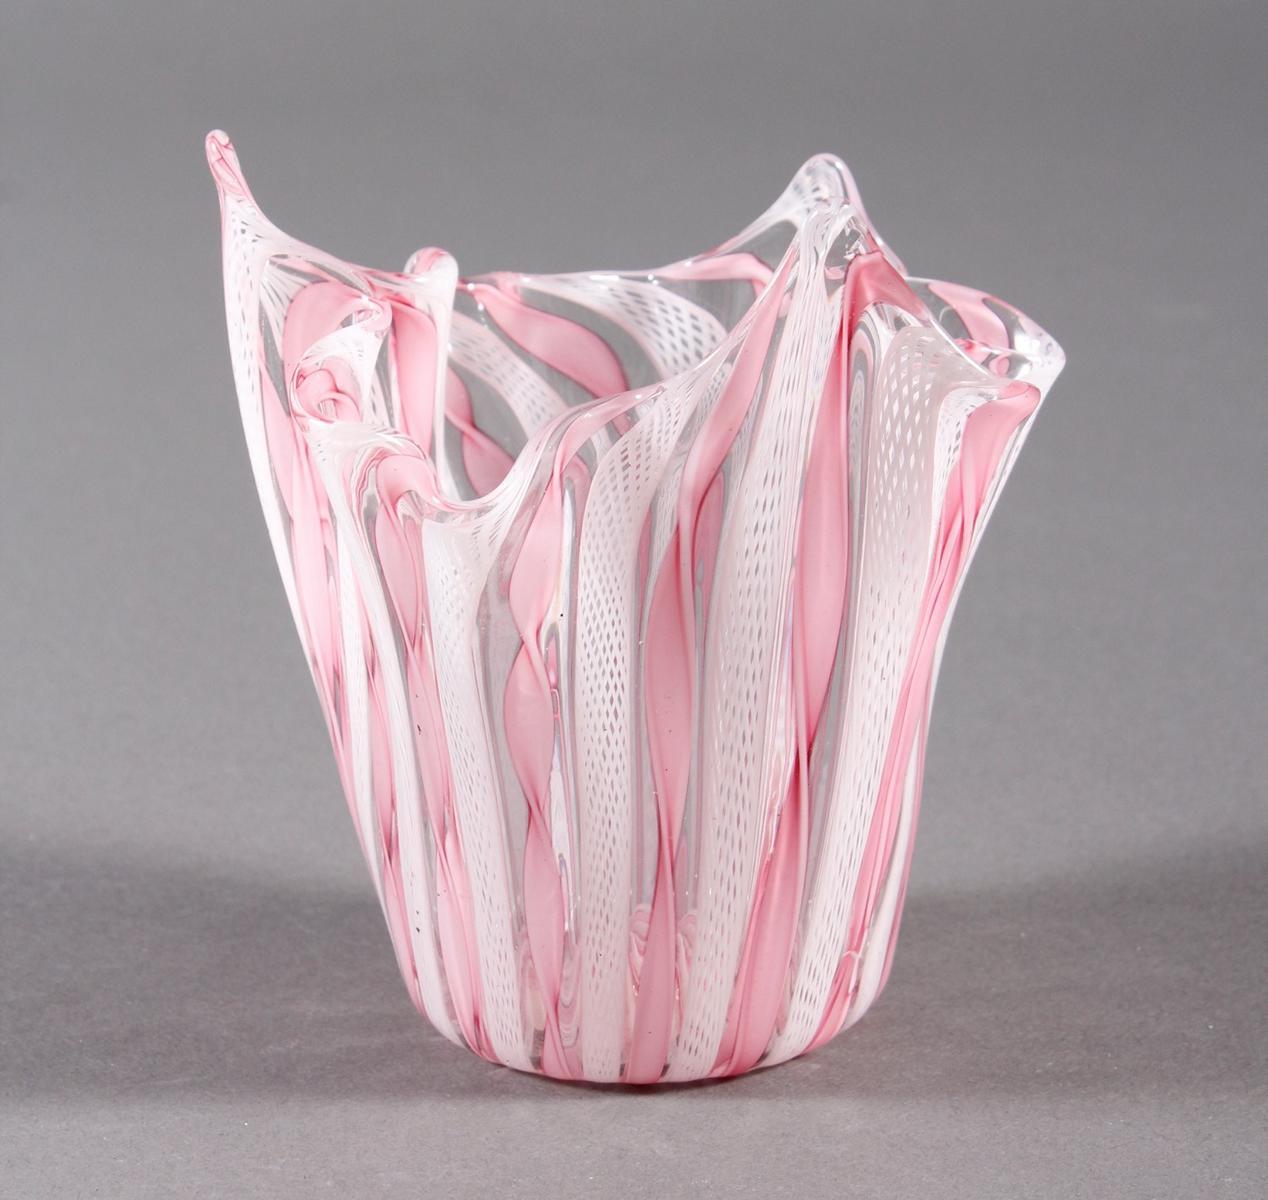 Taschentuchvase, Fazzoletto, wohl Venini 50er / 60er Jahre-2